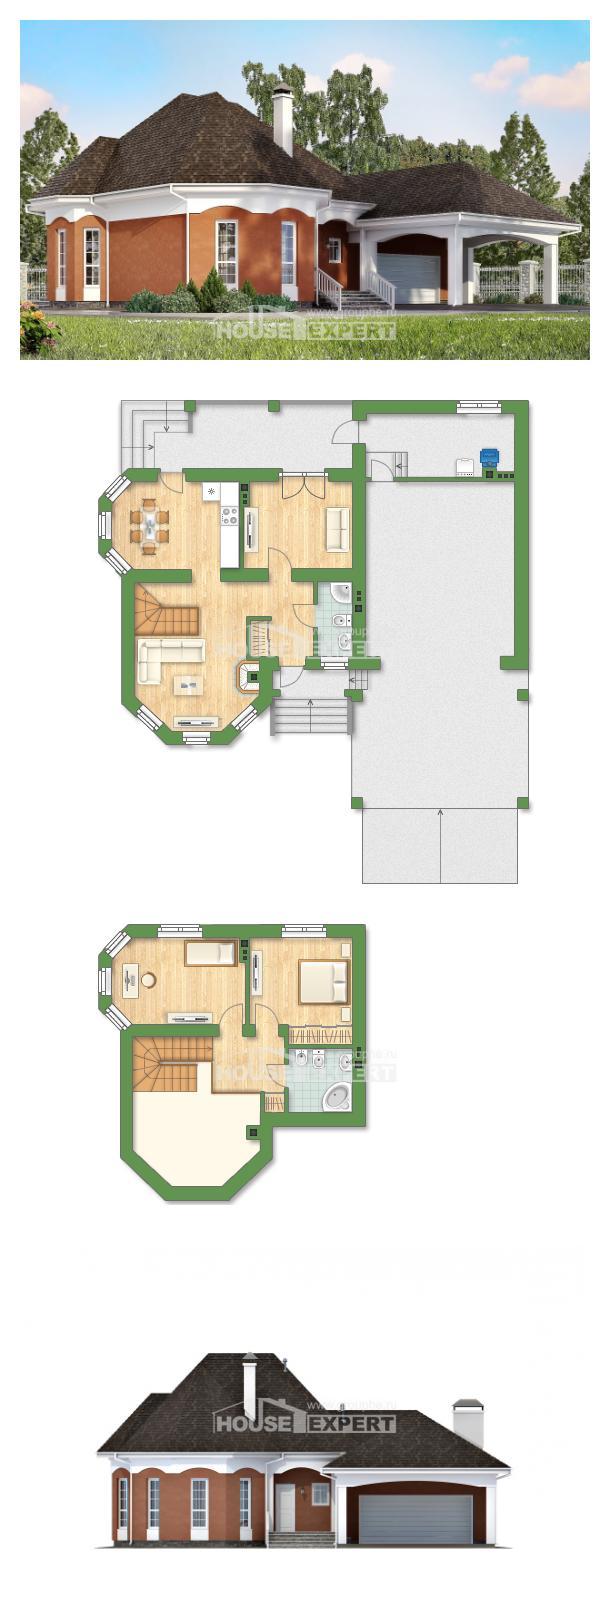 房子的设计 180-007-R | House Expert